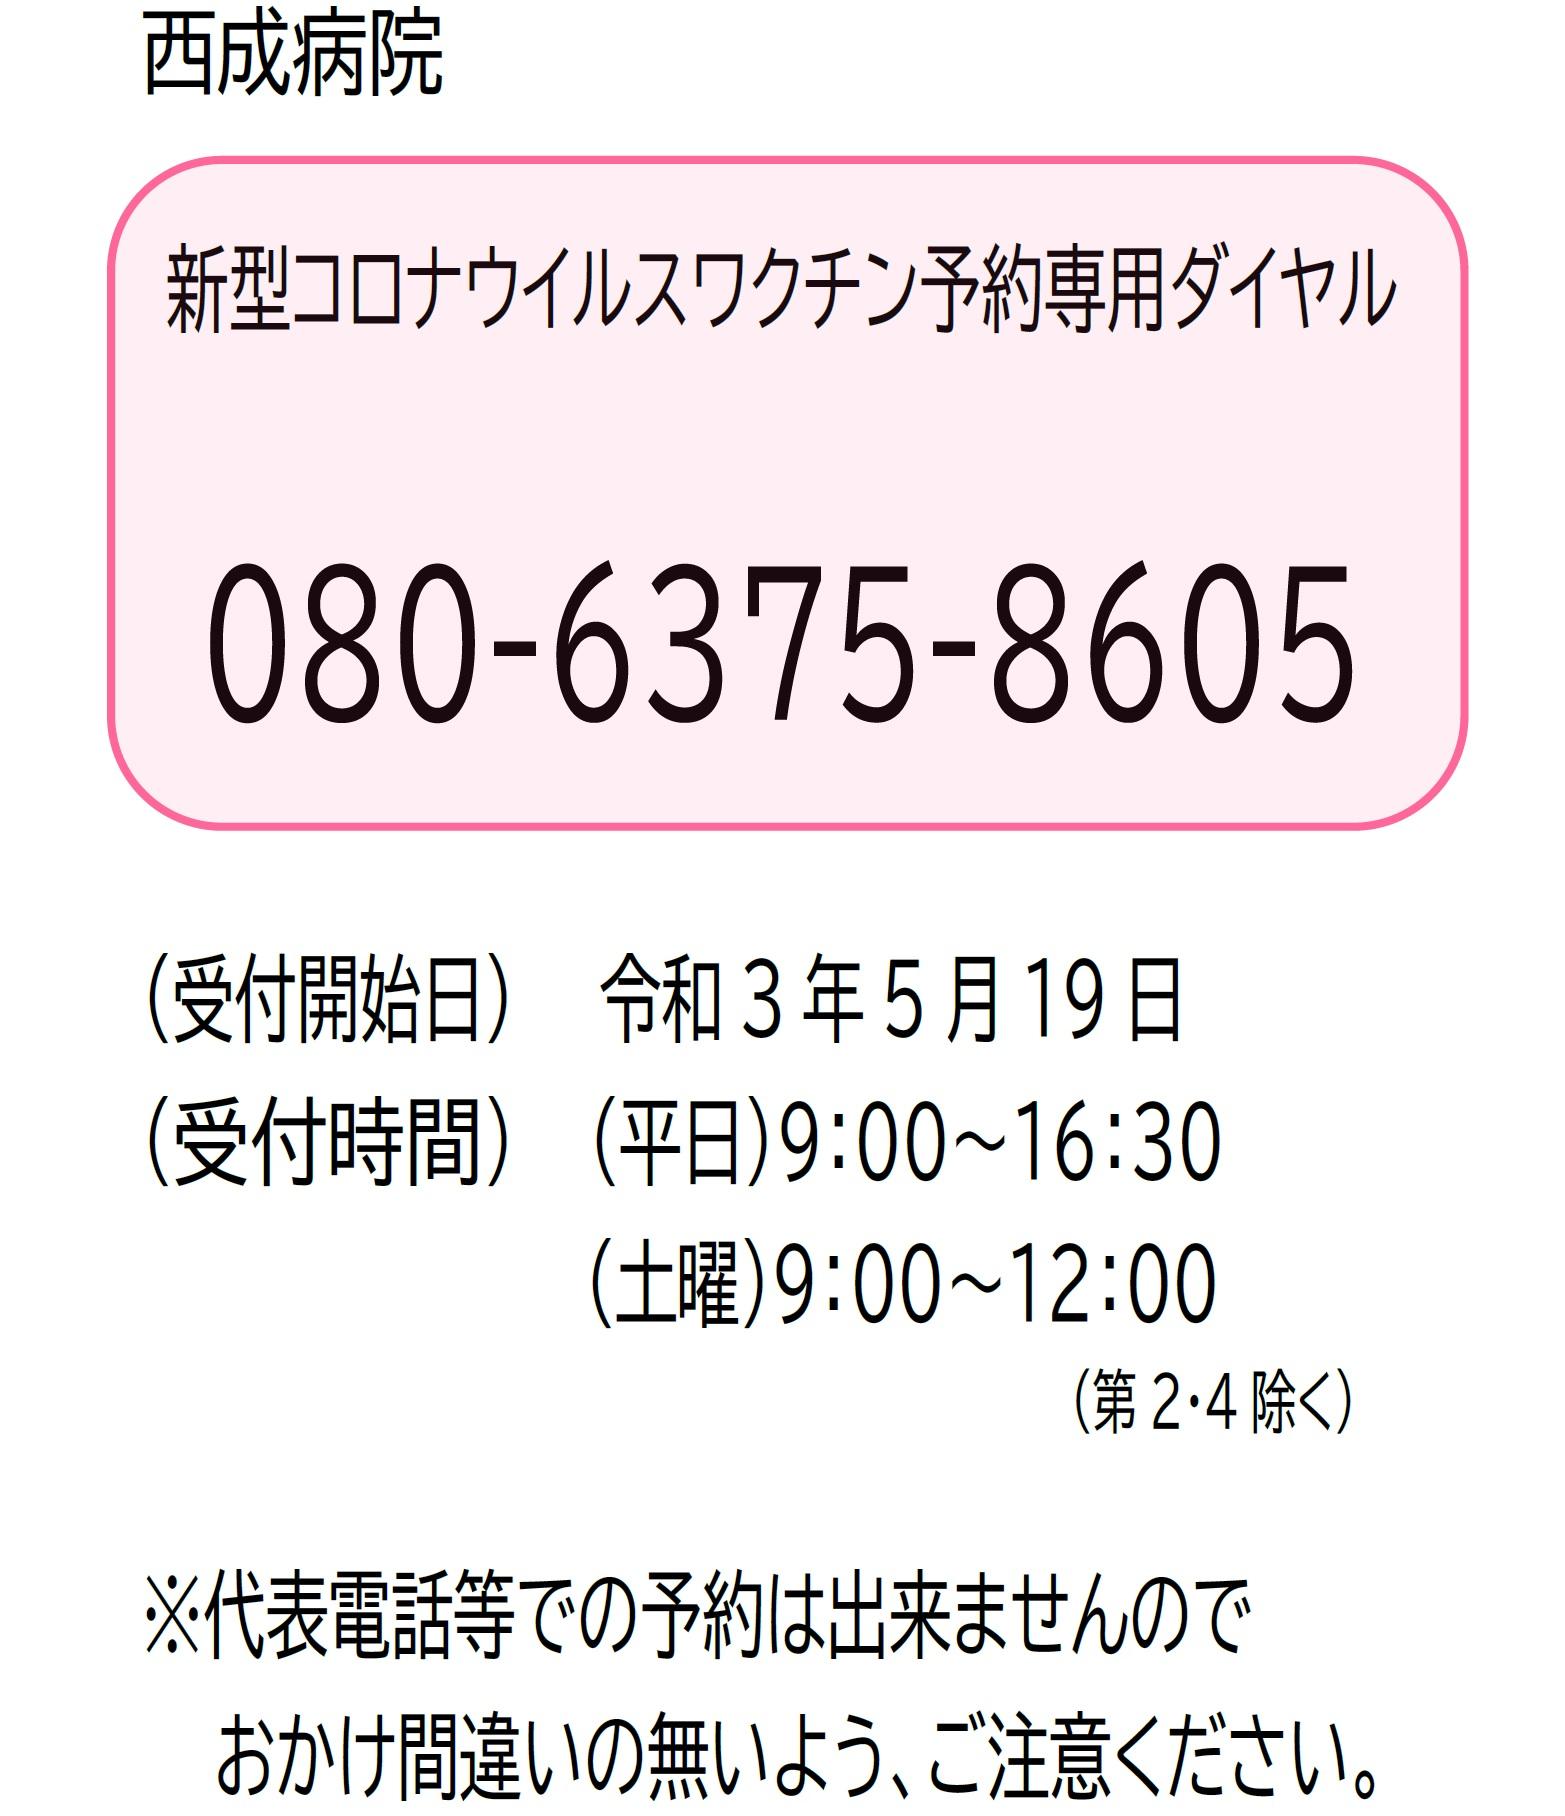 予約ダイヤル-変更-(画像).jpg